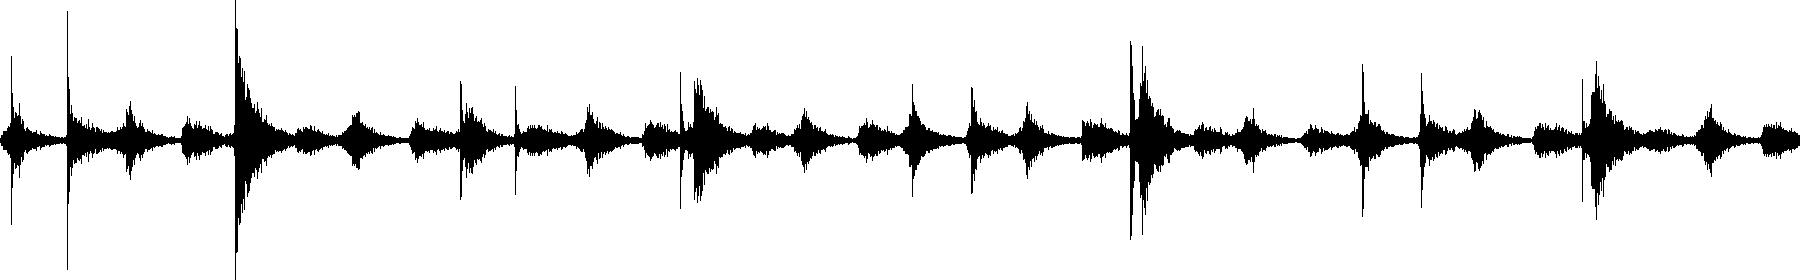 111 percussion 1